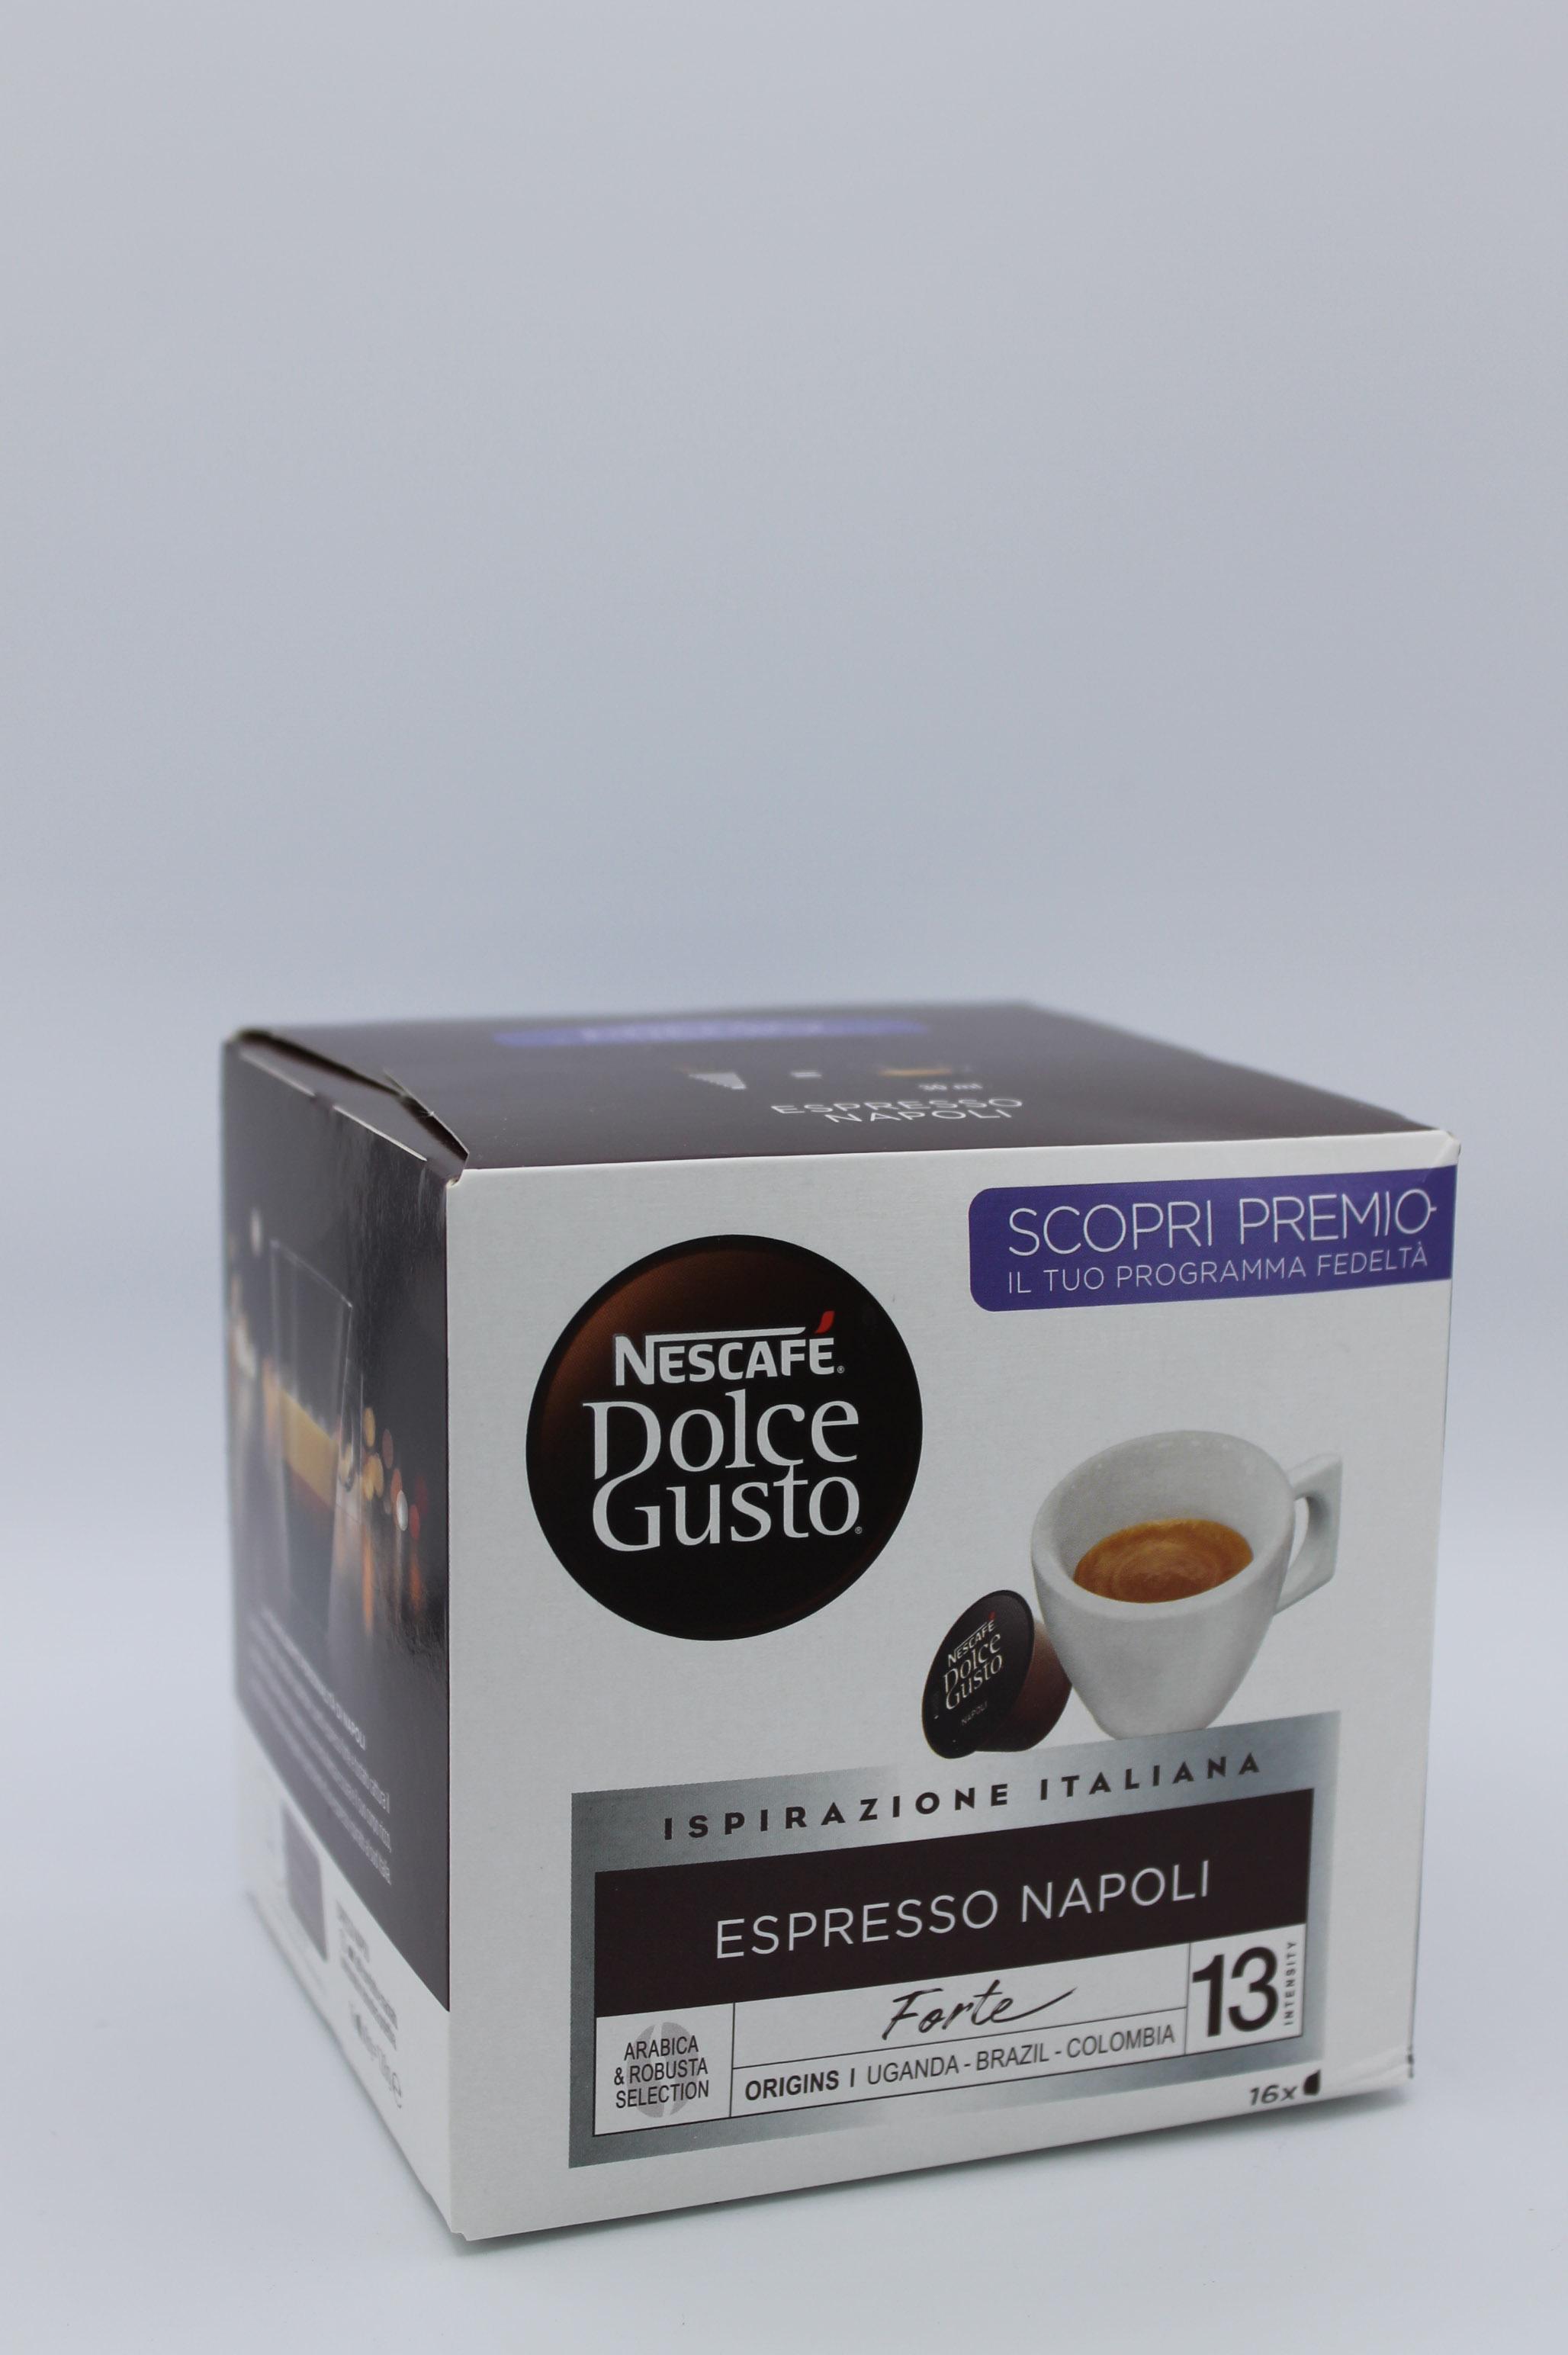 nescafé capsule espresso napoli